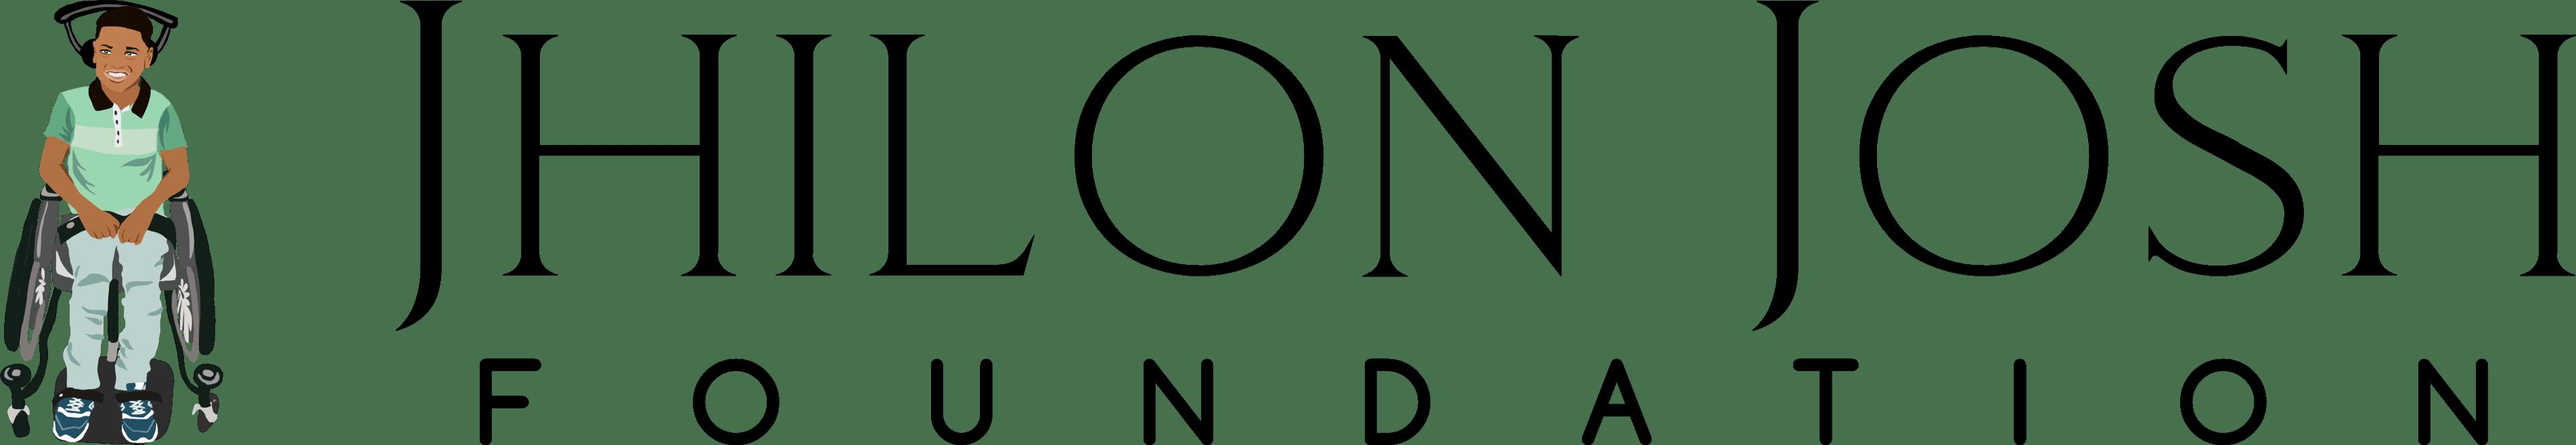 Jhilon Josh Foundation